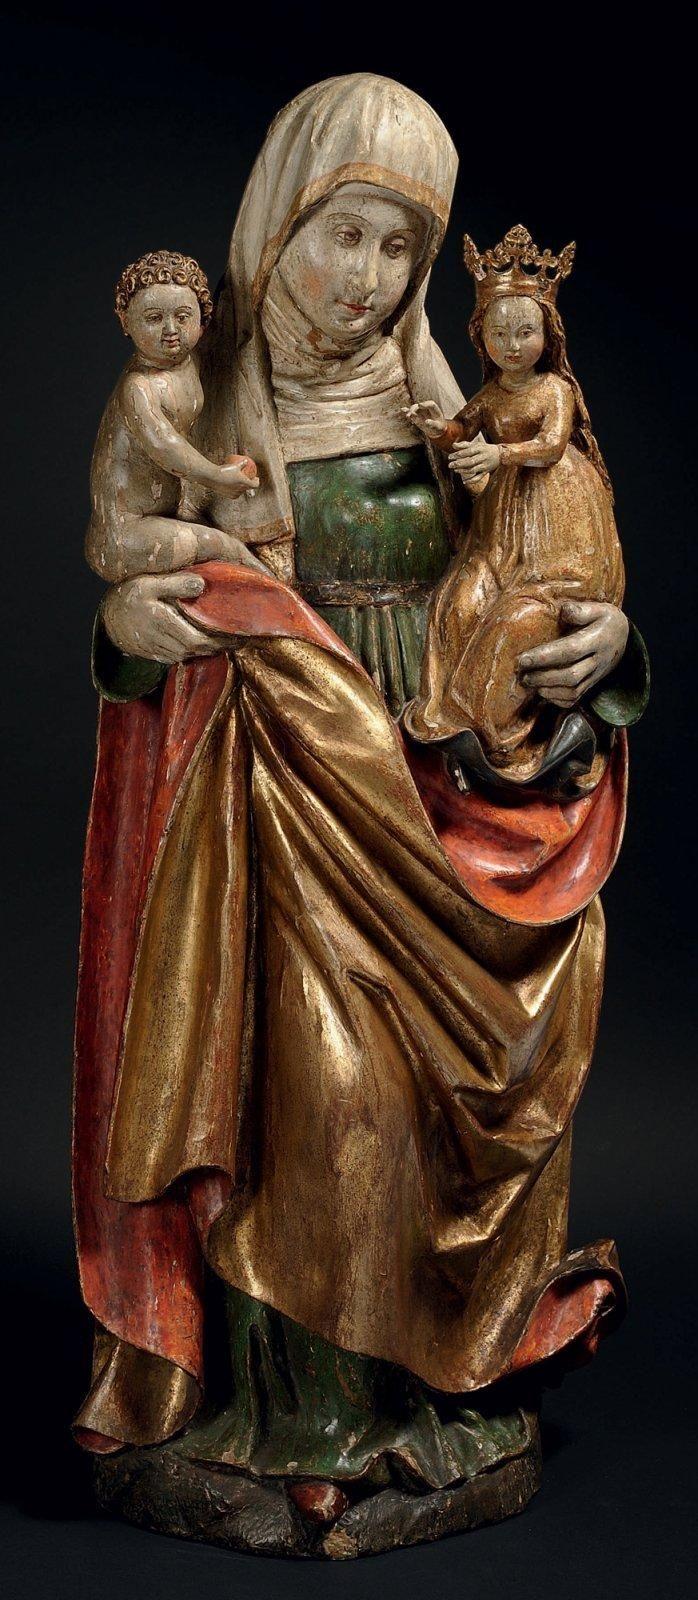 SAINTE ANNE TRINITAIRE en tilleul sculpté, doré et polychromé. Dos creusé. La sainte est debout portant la Vierge sur son bras droit et Jésus sur l'autre; visage encadré d'une guimpe et d'un voile; elle est vêtue d'une robe ceinturée et d'un manteau dont un pan revient sur le devant; tête de la Vierge ceinte d'une haute couronne fleuronnée posée sur la chevelure tombant largement dans le dos; le Christ est nu tenant un fruit dans sa main droite. Allemagne du sud, vers 1520